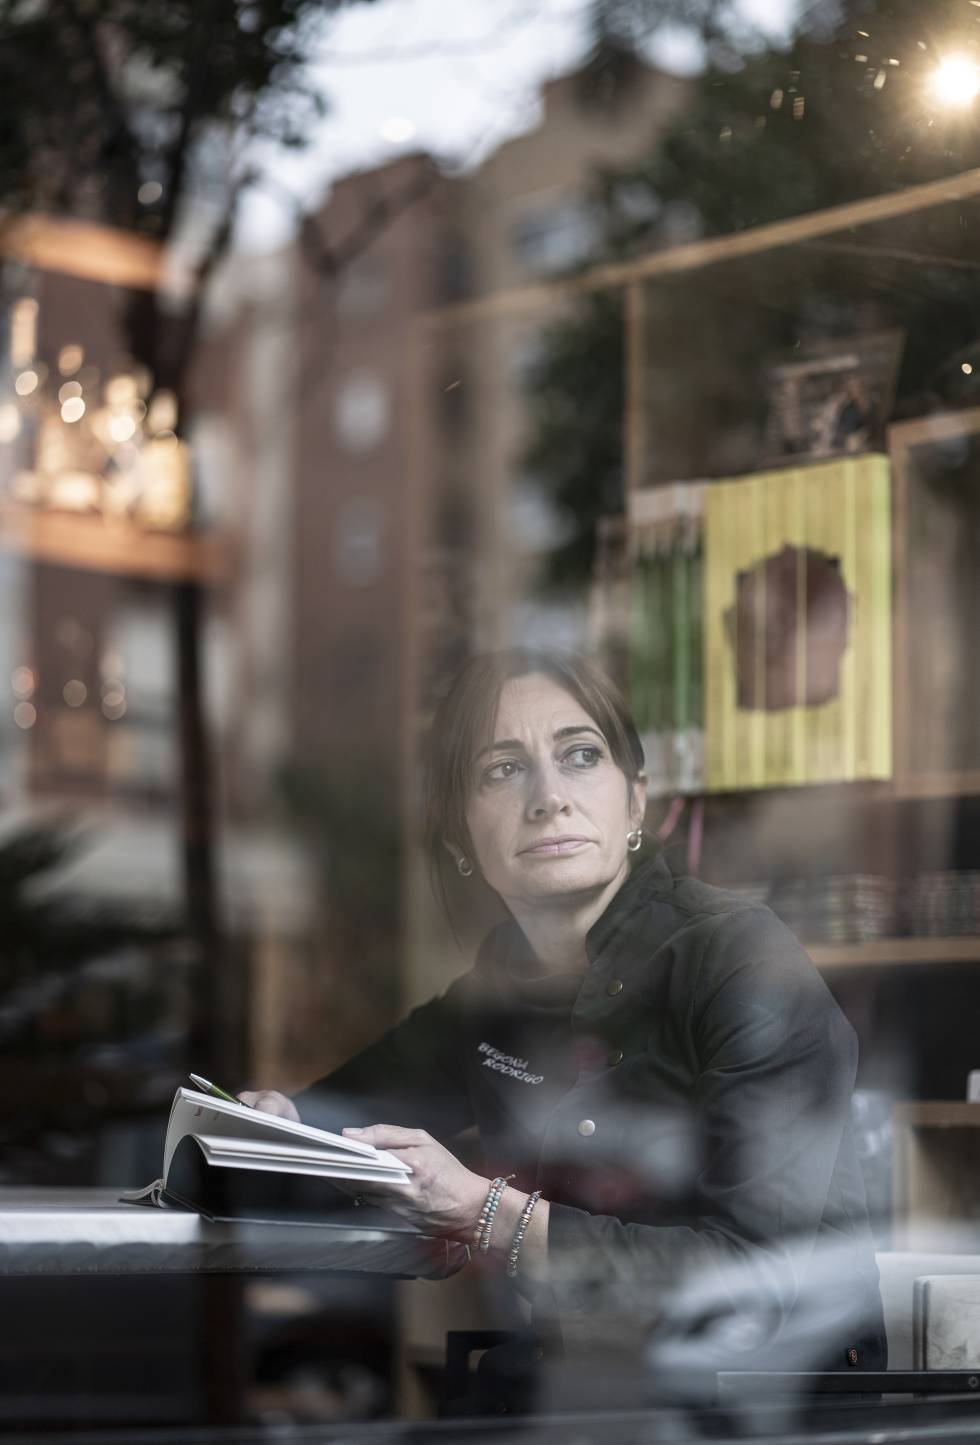 """Begoña Rodrigo ha sido nombrada cocinera del futuro por la Real Academia Internacional de Gastronomía. """"Ahora tengo un montón de clientes que buscan mi menú vegetariano. Antes era inviable hacerlo porque lo primero era pagar las facturas""""."""